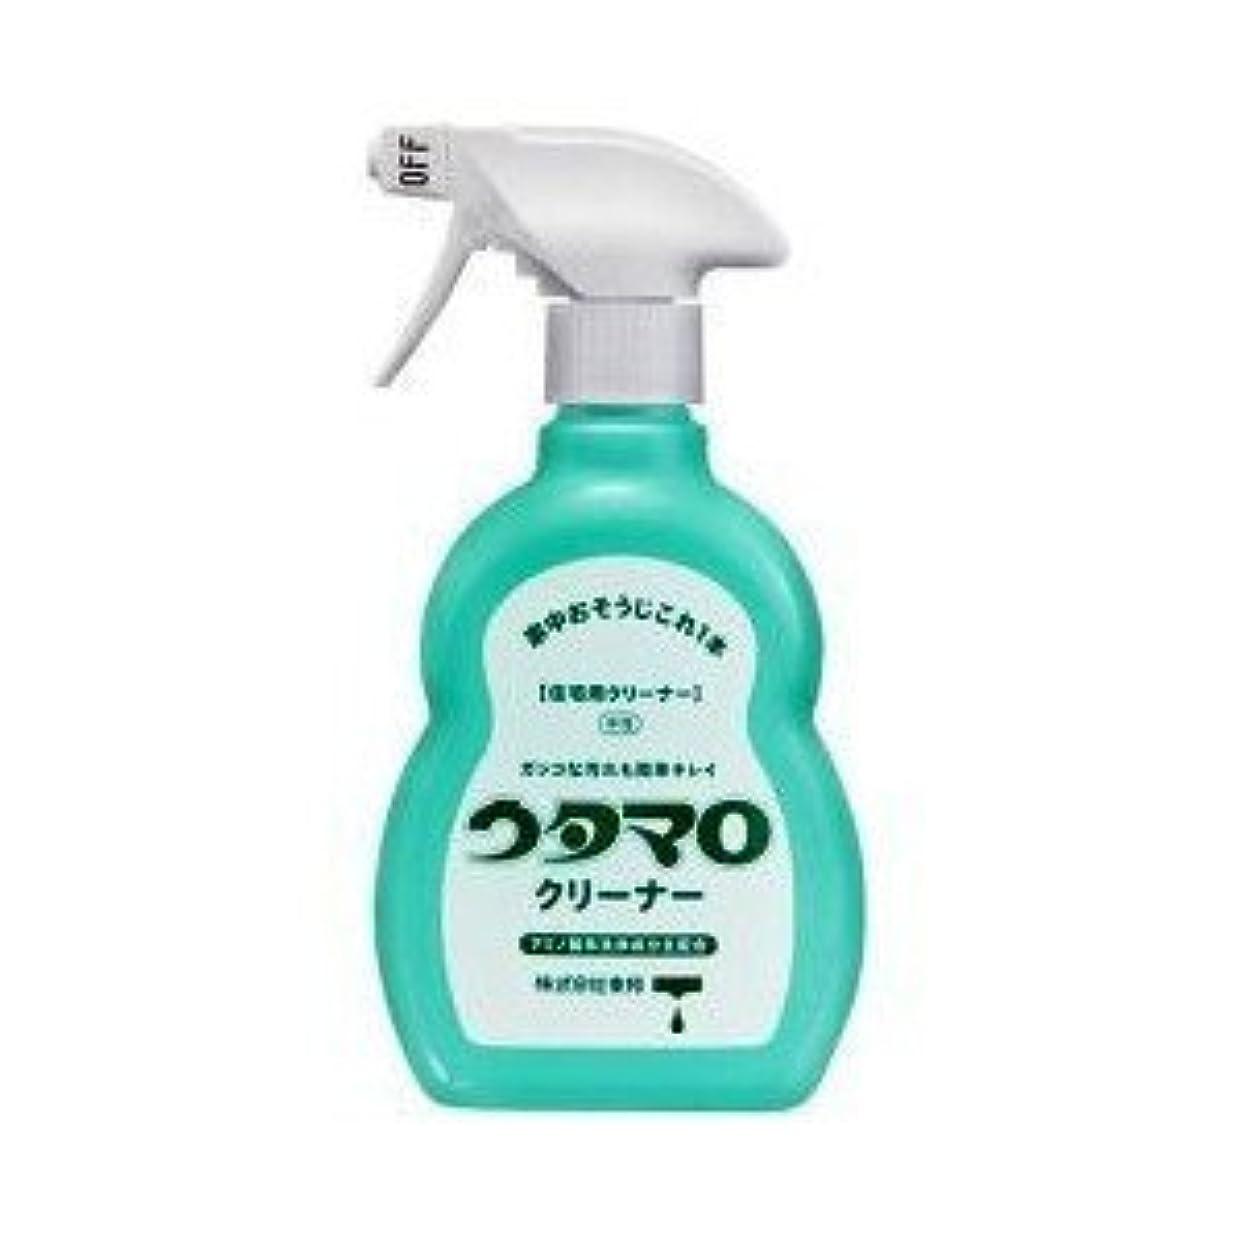 議題わがまま土地ウタマロ クリーナー 400ml 洗剤 住居用 アミノ酸系洗浄成分主配合 さわやかなグリーンハーブの香り